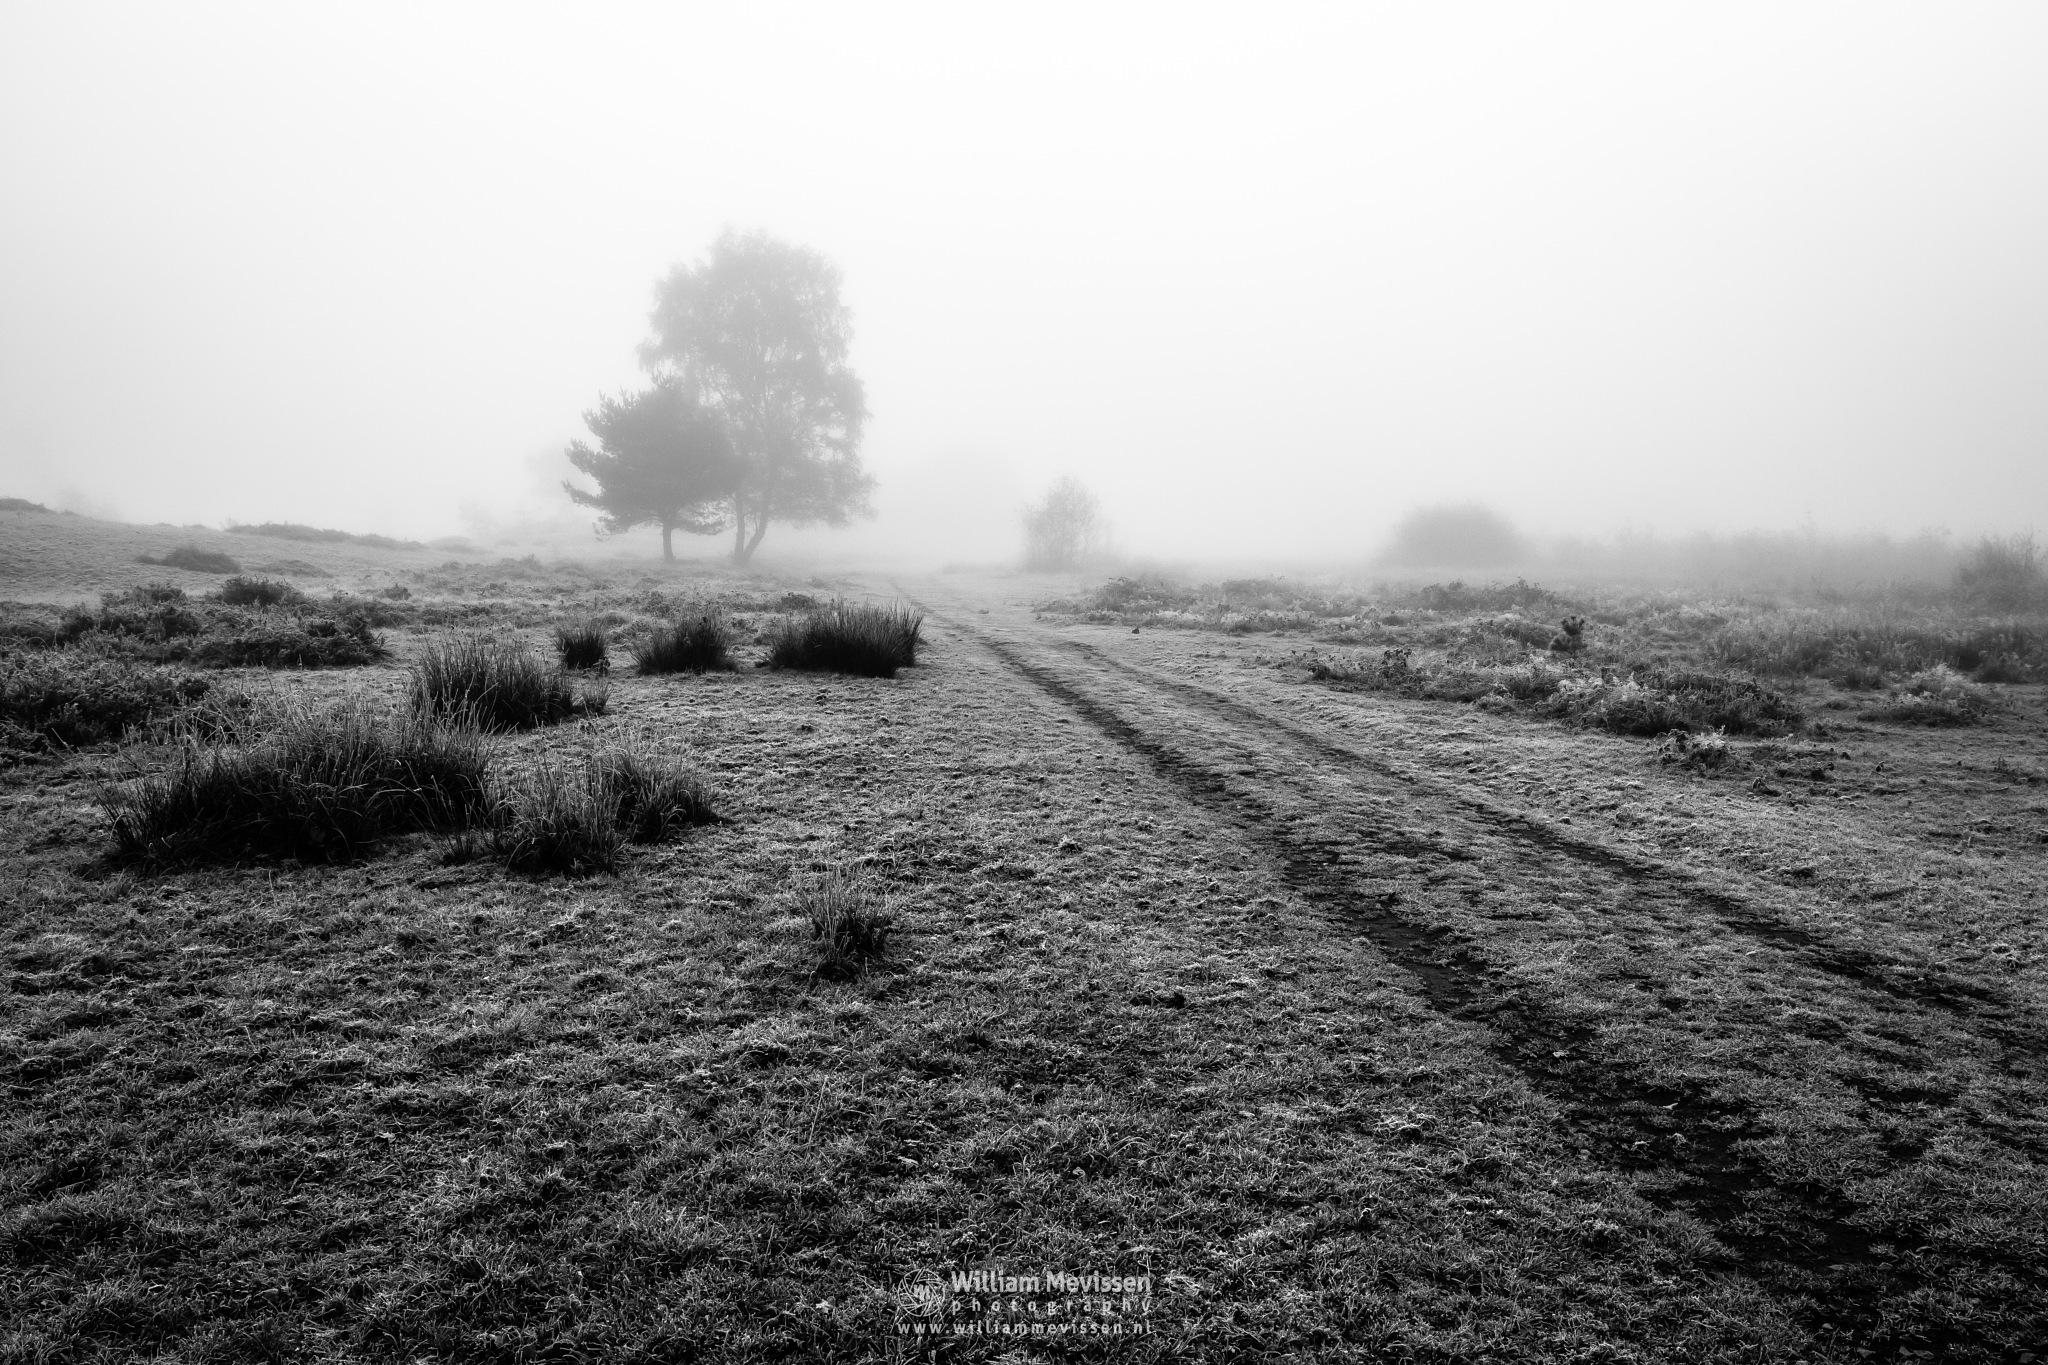 Frosty Autumn Path by William Mevissen